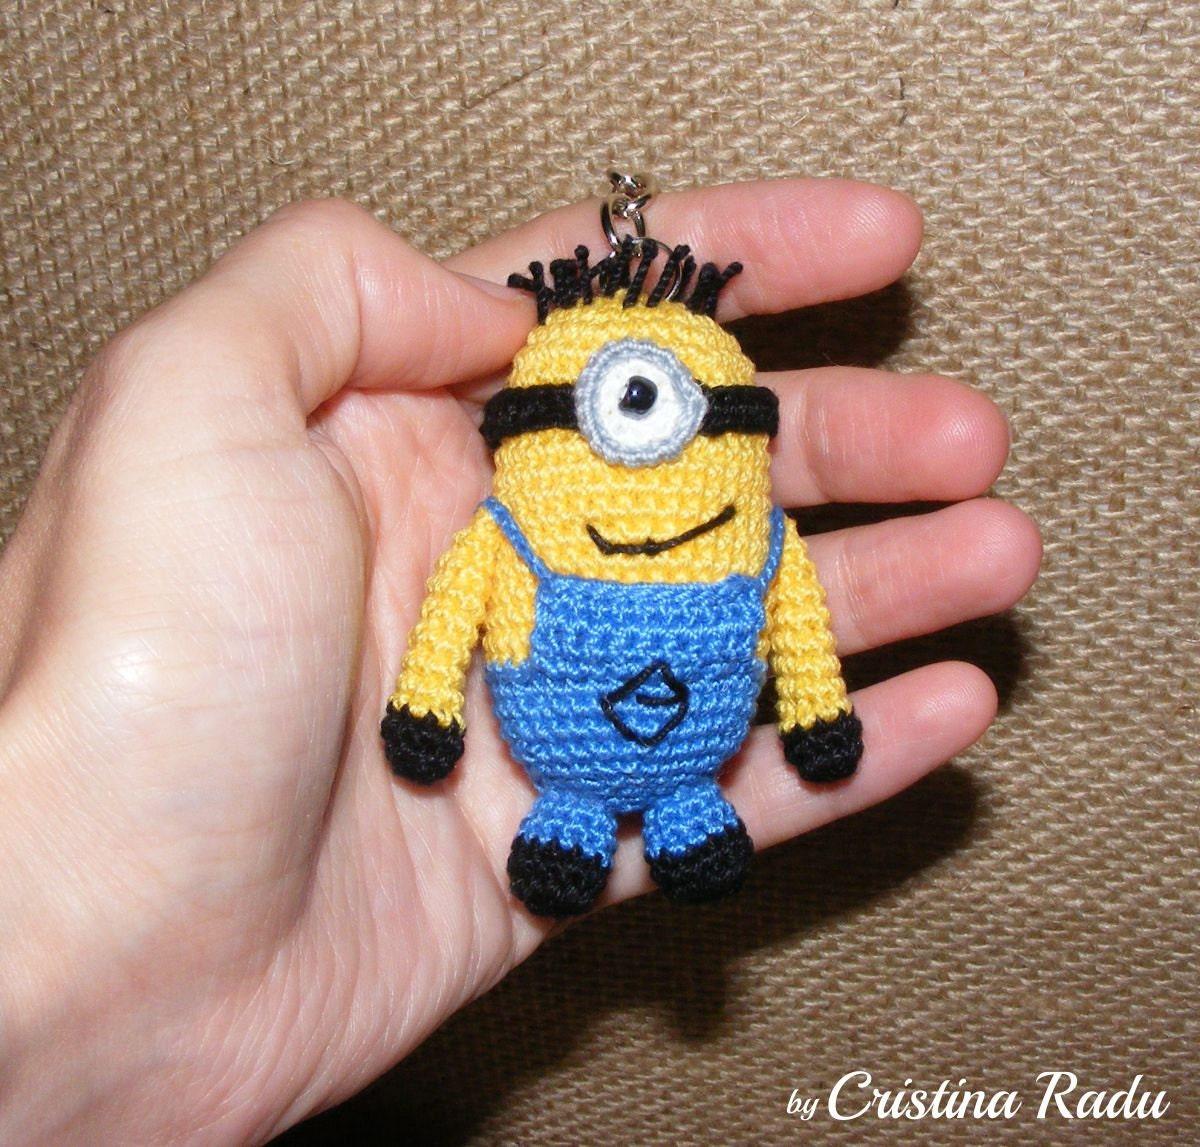 Amigurumi Crochet Minion : Keychain minion amigurumi minion Despicable Me by raducristina